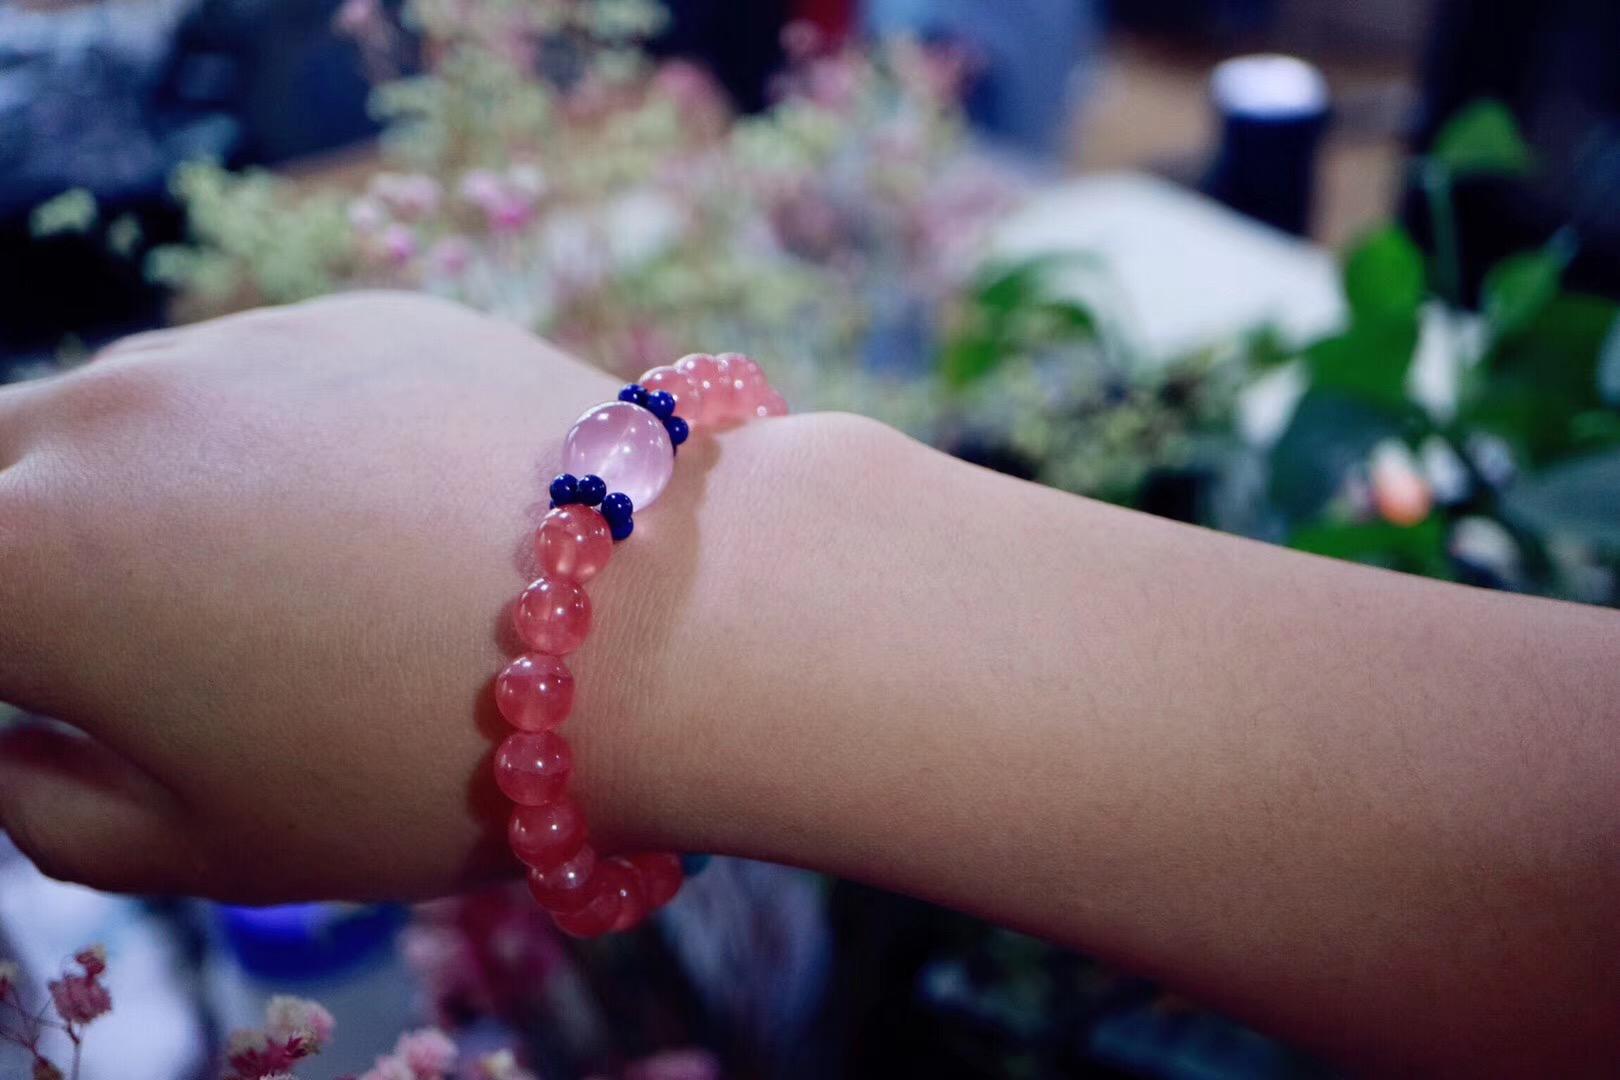 【菩心 | 冰种红纹石】 和喜欢的人在一起, 世界都是美好的-菩心晶舍